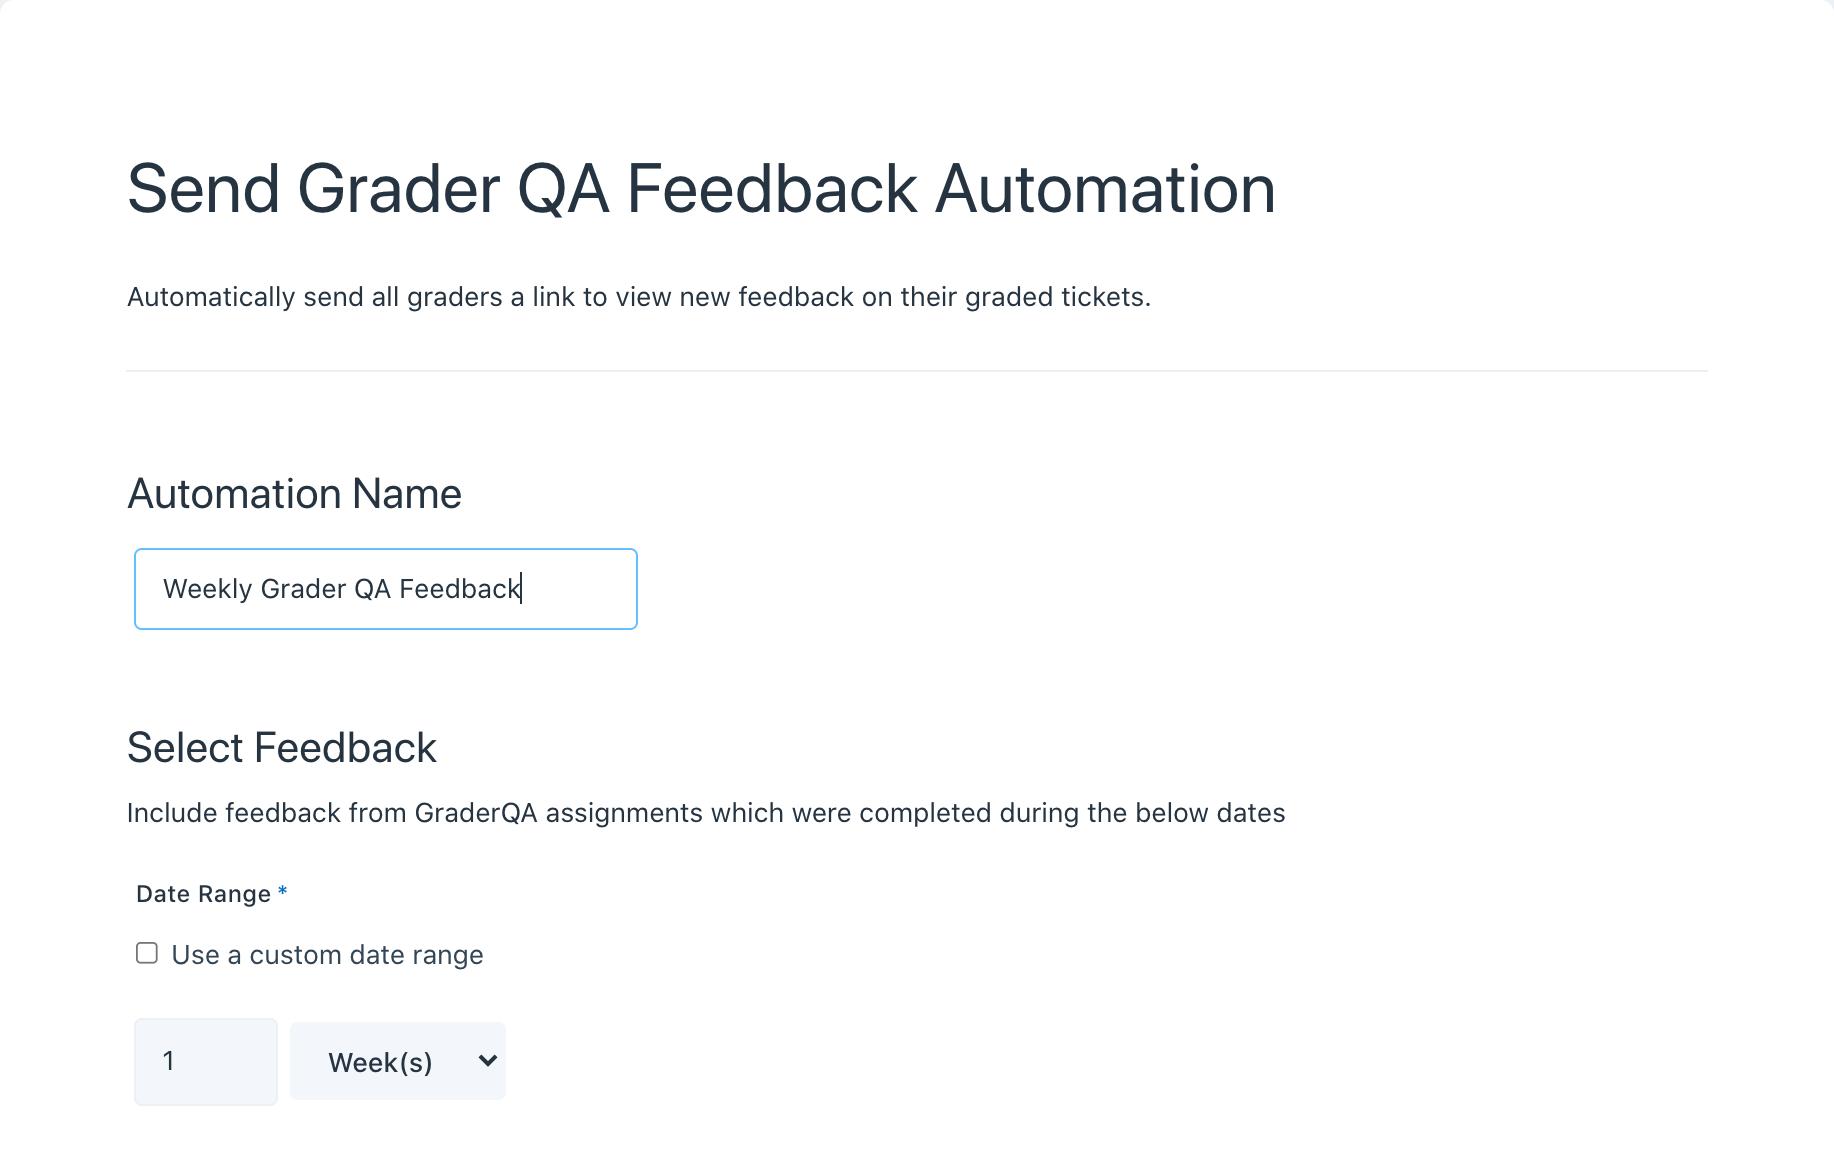 Send Grader QA Feedback Automation